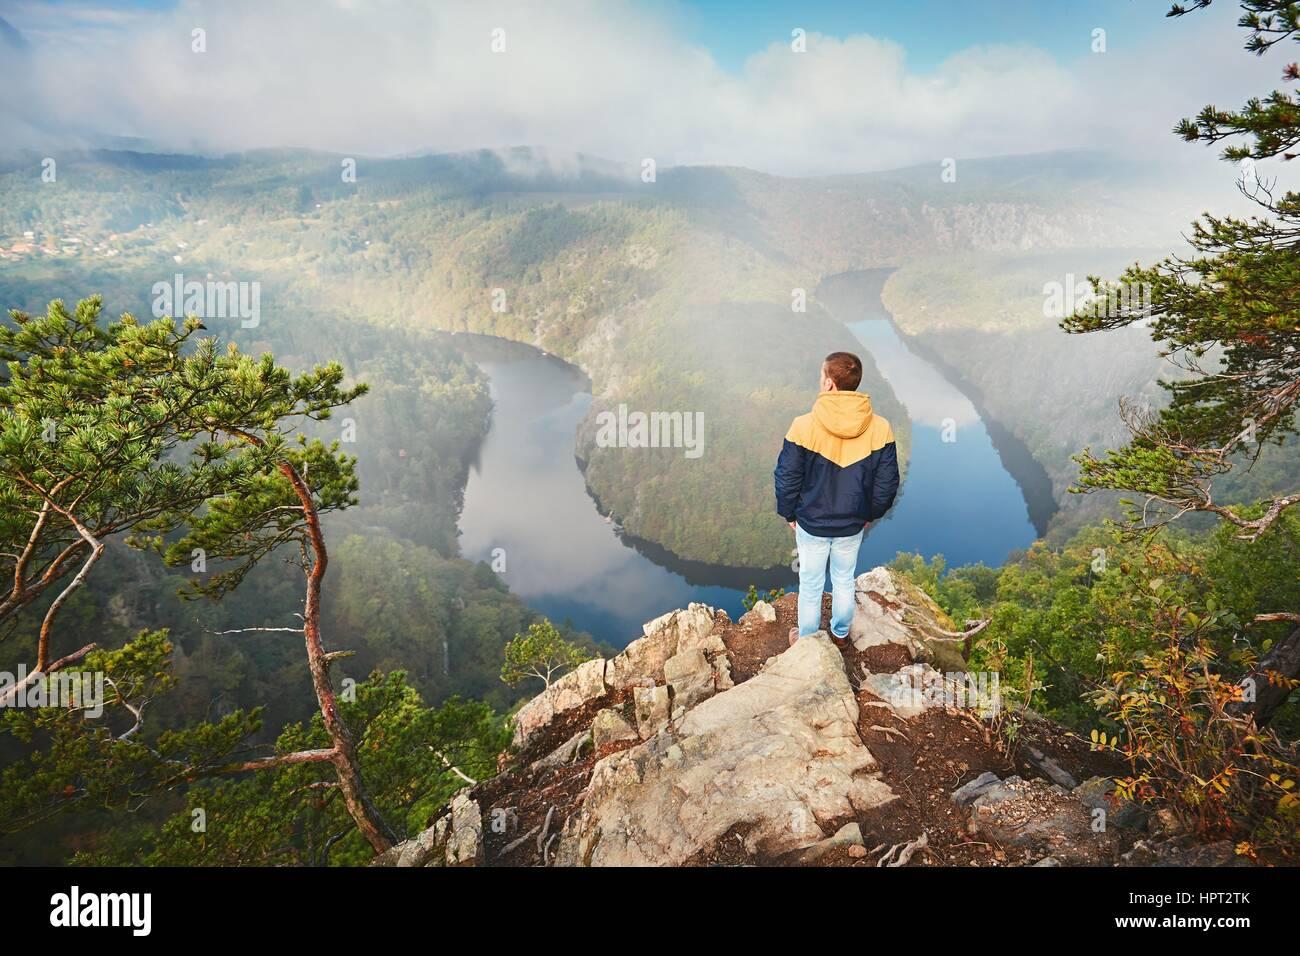 Traveler sulla sommità della roccia. Giovane uomo gode di vista sulla valle del fiume nella nebbia mattutina. Immagini Stock